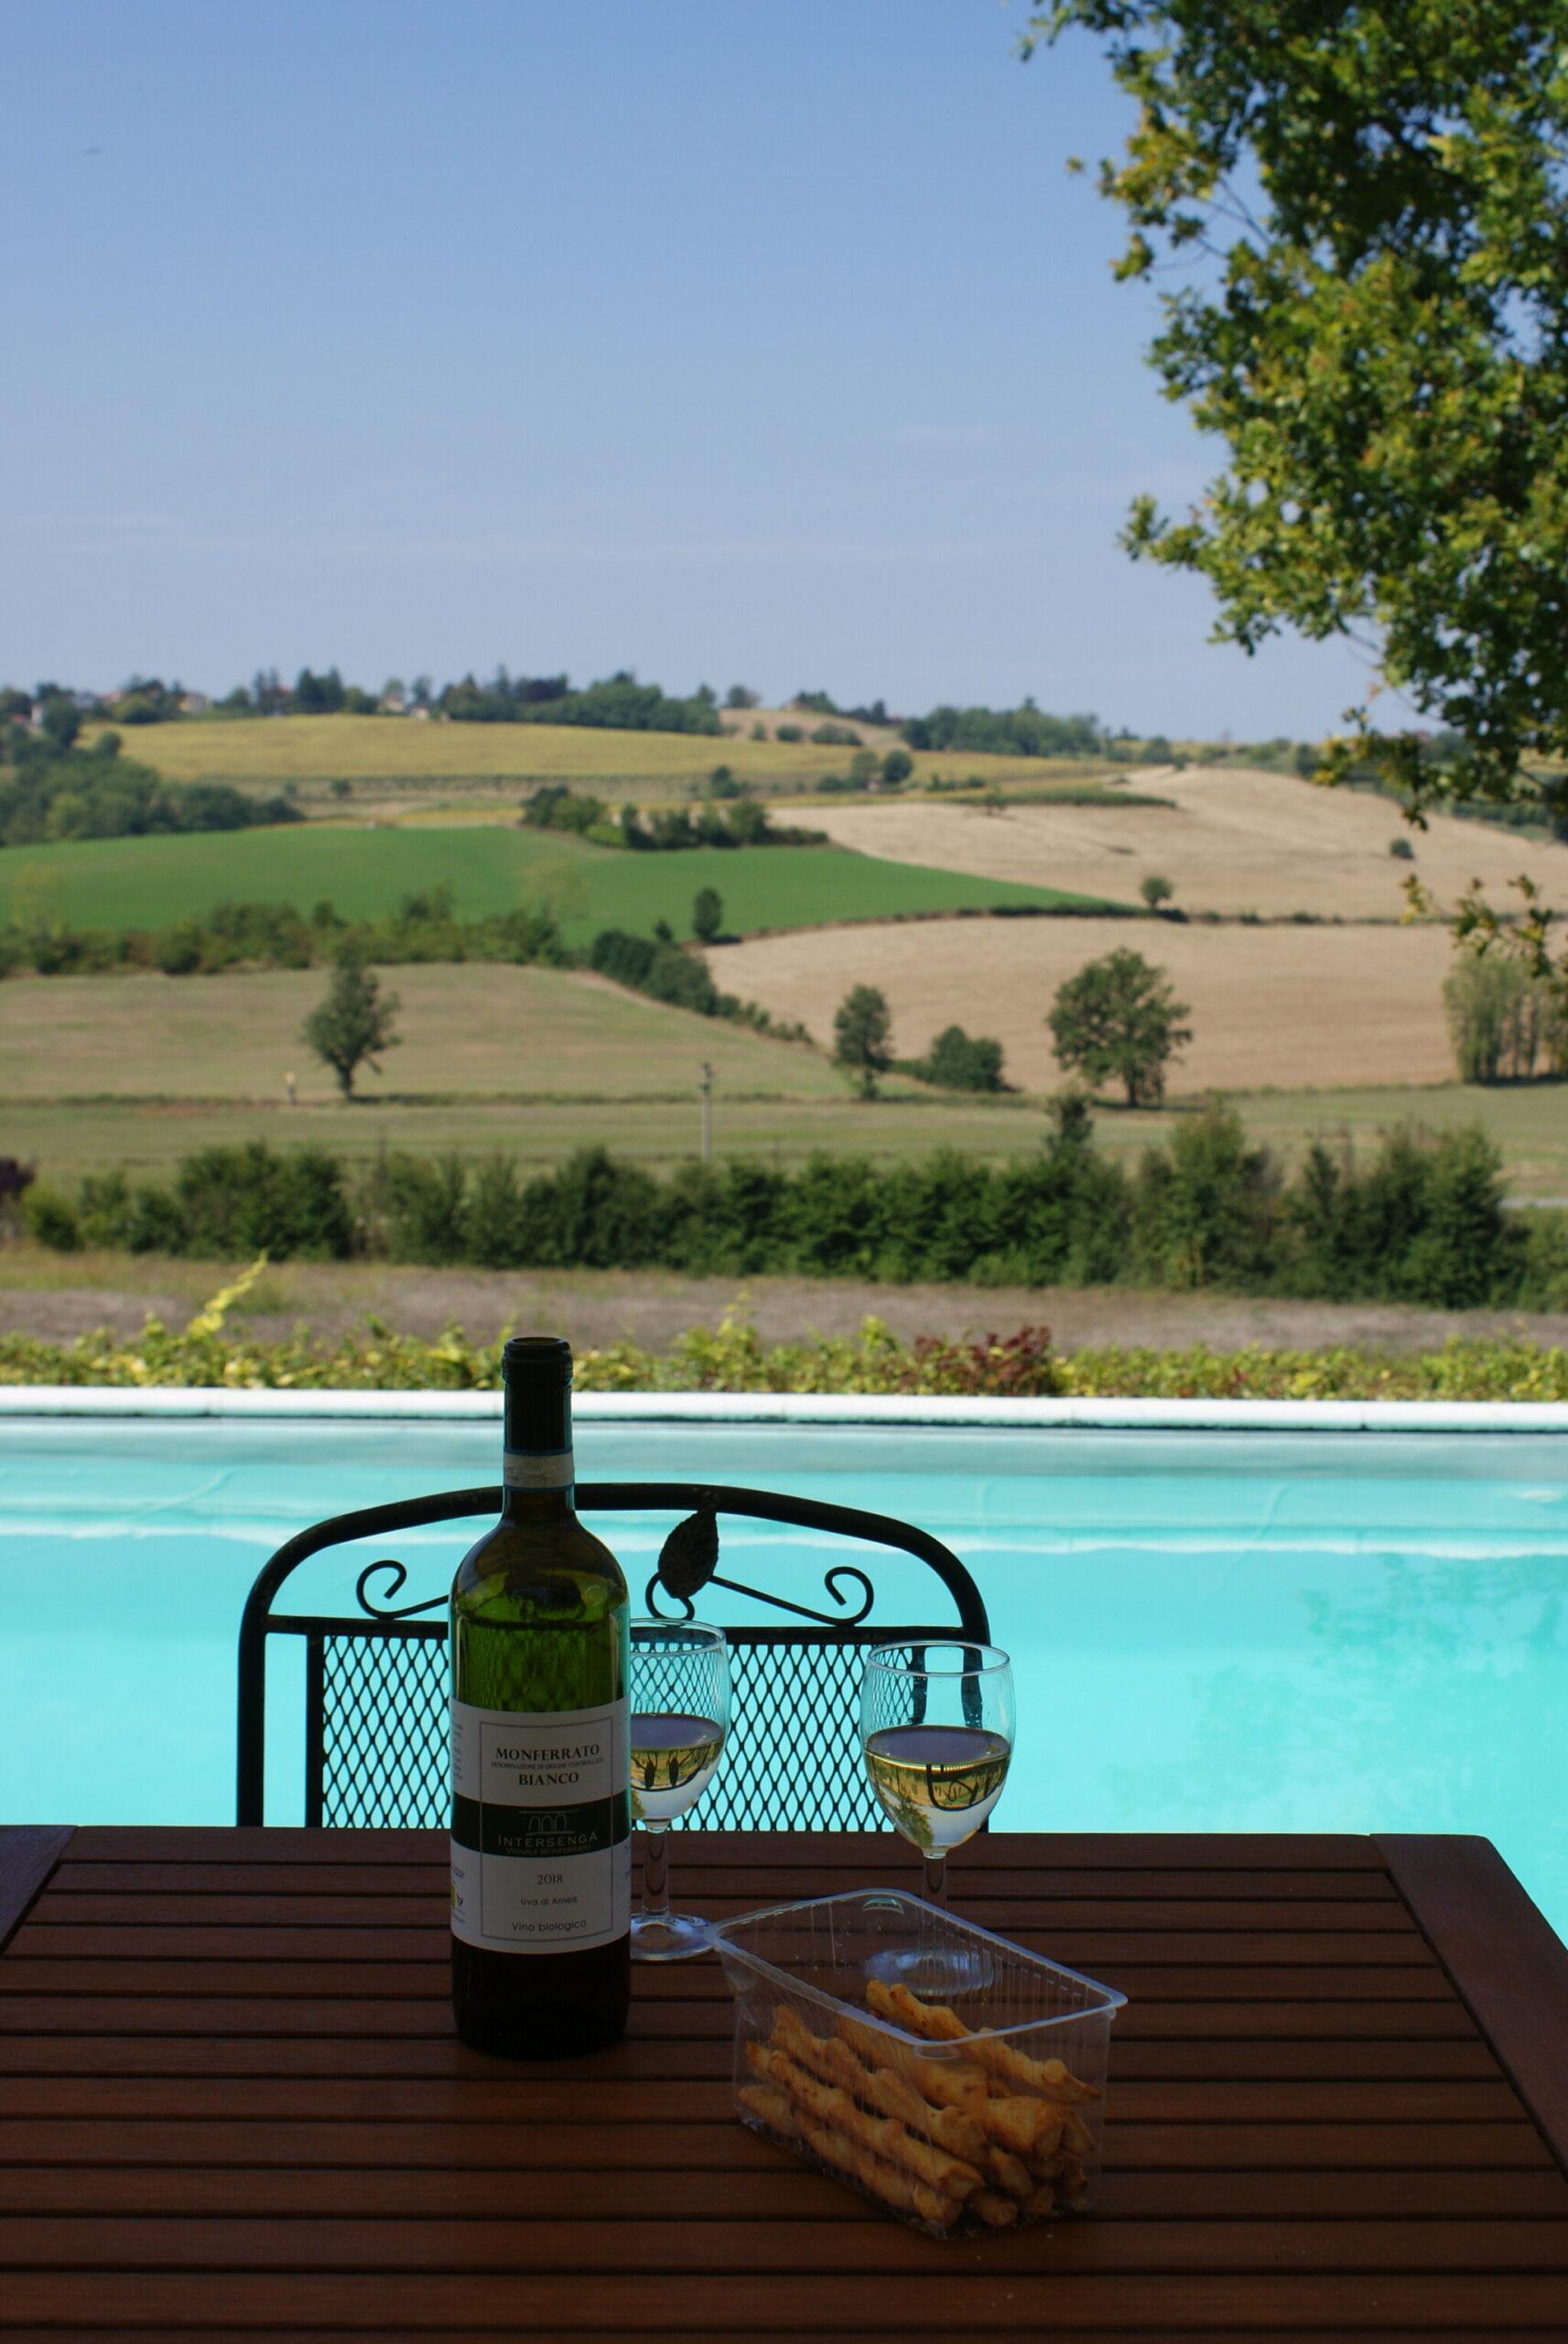 monferrato travel guide piemonte italy piedmont tips eat see do guida viaggio vedere mangiare fare turismo tourism trip francinesplaceblog vignale